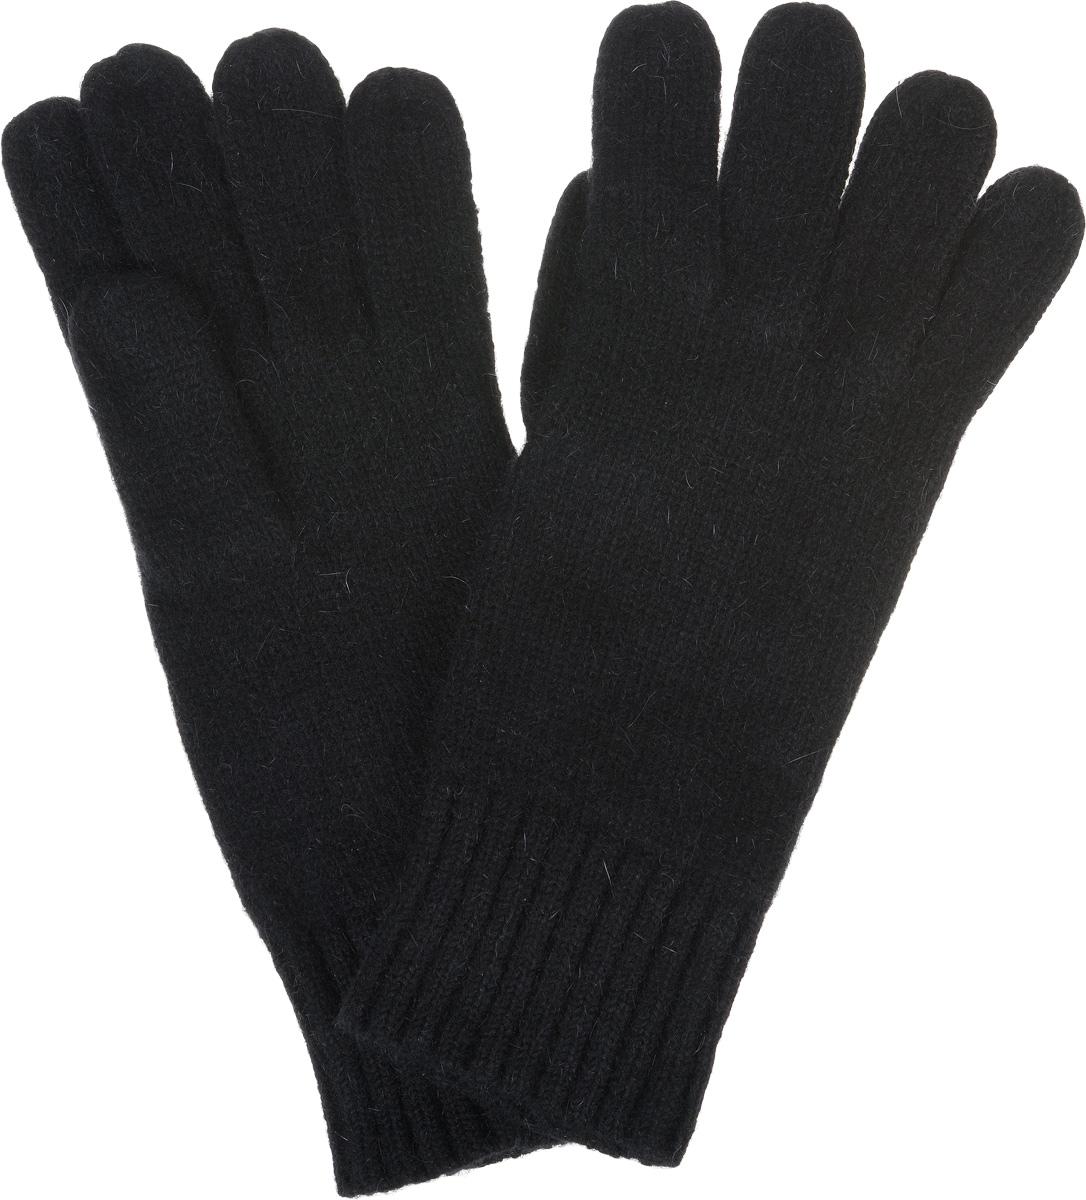 Перчатки женские. GL-143/019AQ-6302GL-143/019AQ-6302Вязаные женские перчатки Sela не только защитят ваши руки, но и станут великолепным украшением. Перчатки выполнены из шерсти с добавлением ангоры, они хорошо сохраняют тепло, мягкие, идеально сидят на руке и хорошо тянутся. Модель выполнена в одной цветовой гамме и на манжете дополнена вязанной резинкой. Такие перчатки будут оригинальным завершающим штрихом в создании современного модного образа, они подчеркнут ваш изысканный вкус и станут незаменимым и практичным аксессуаром.